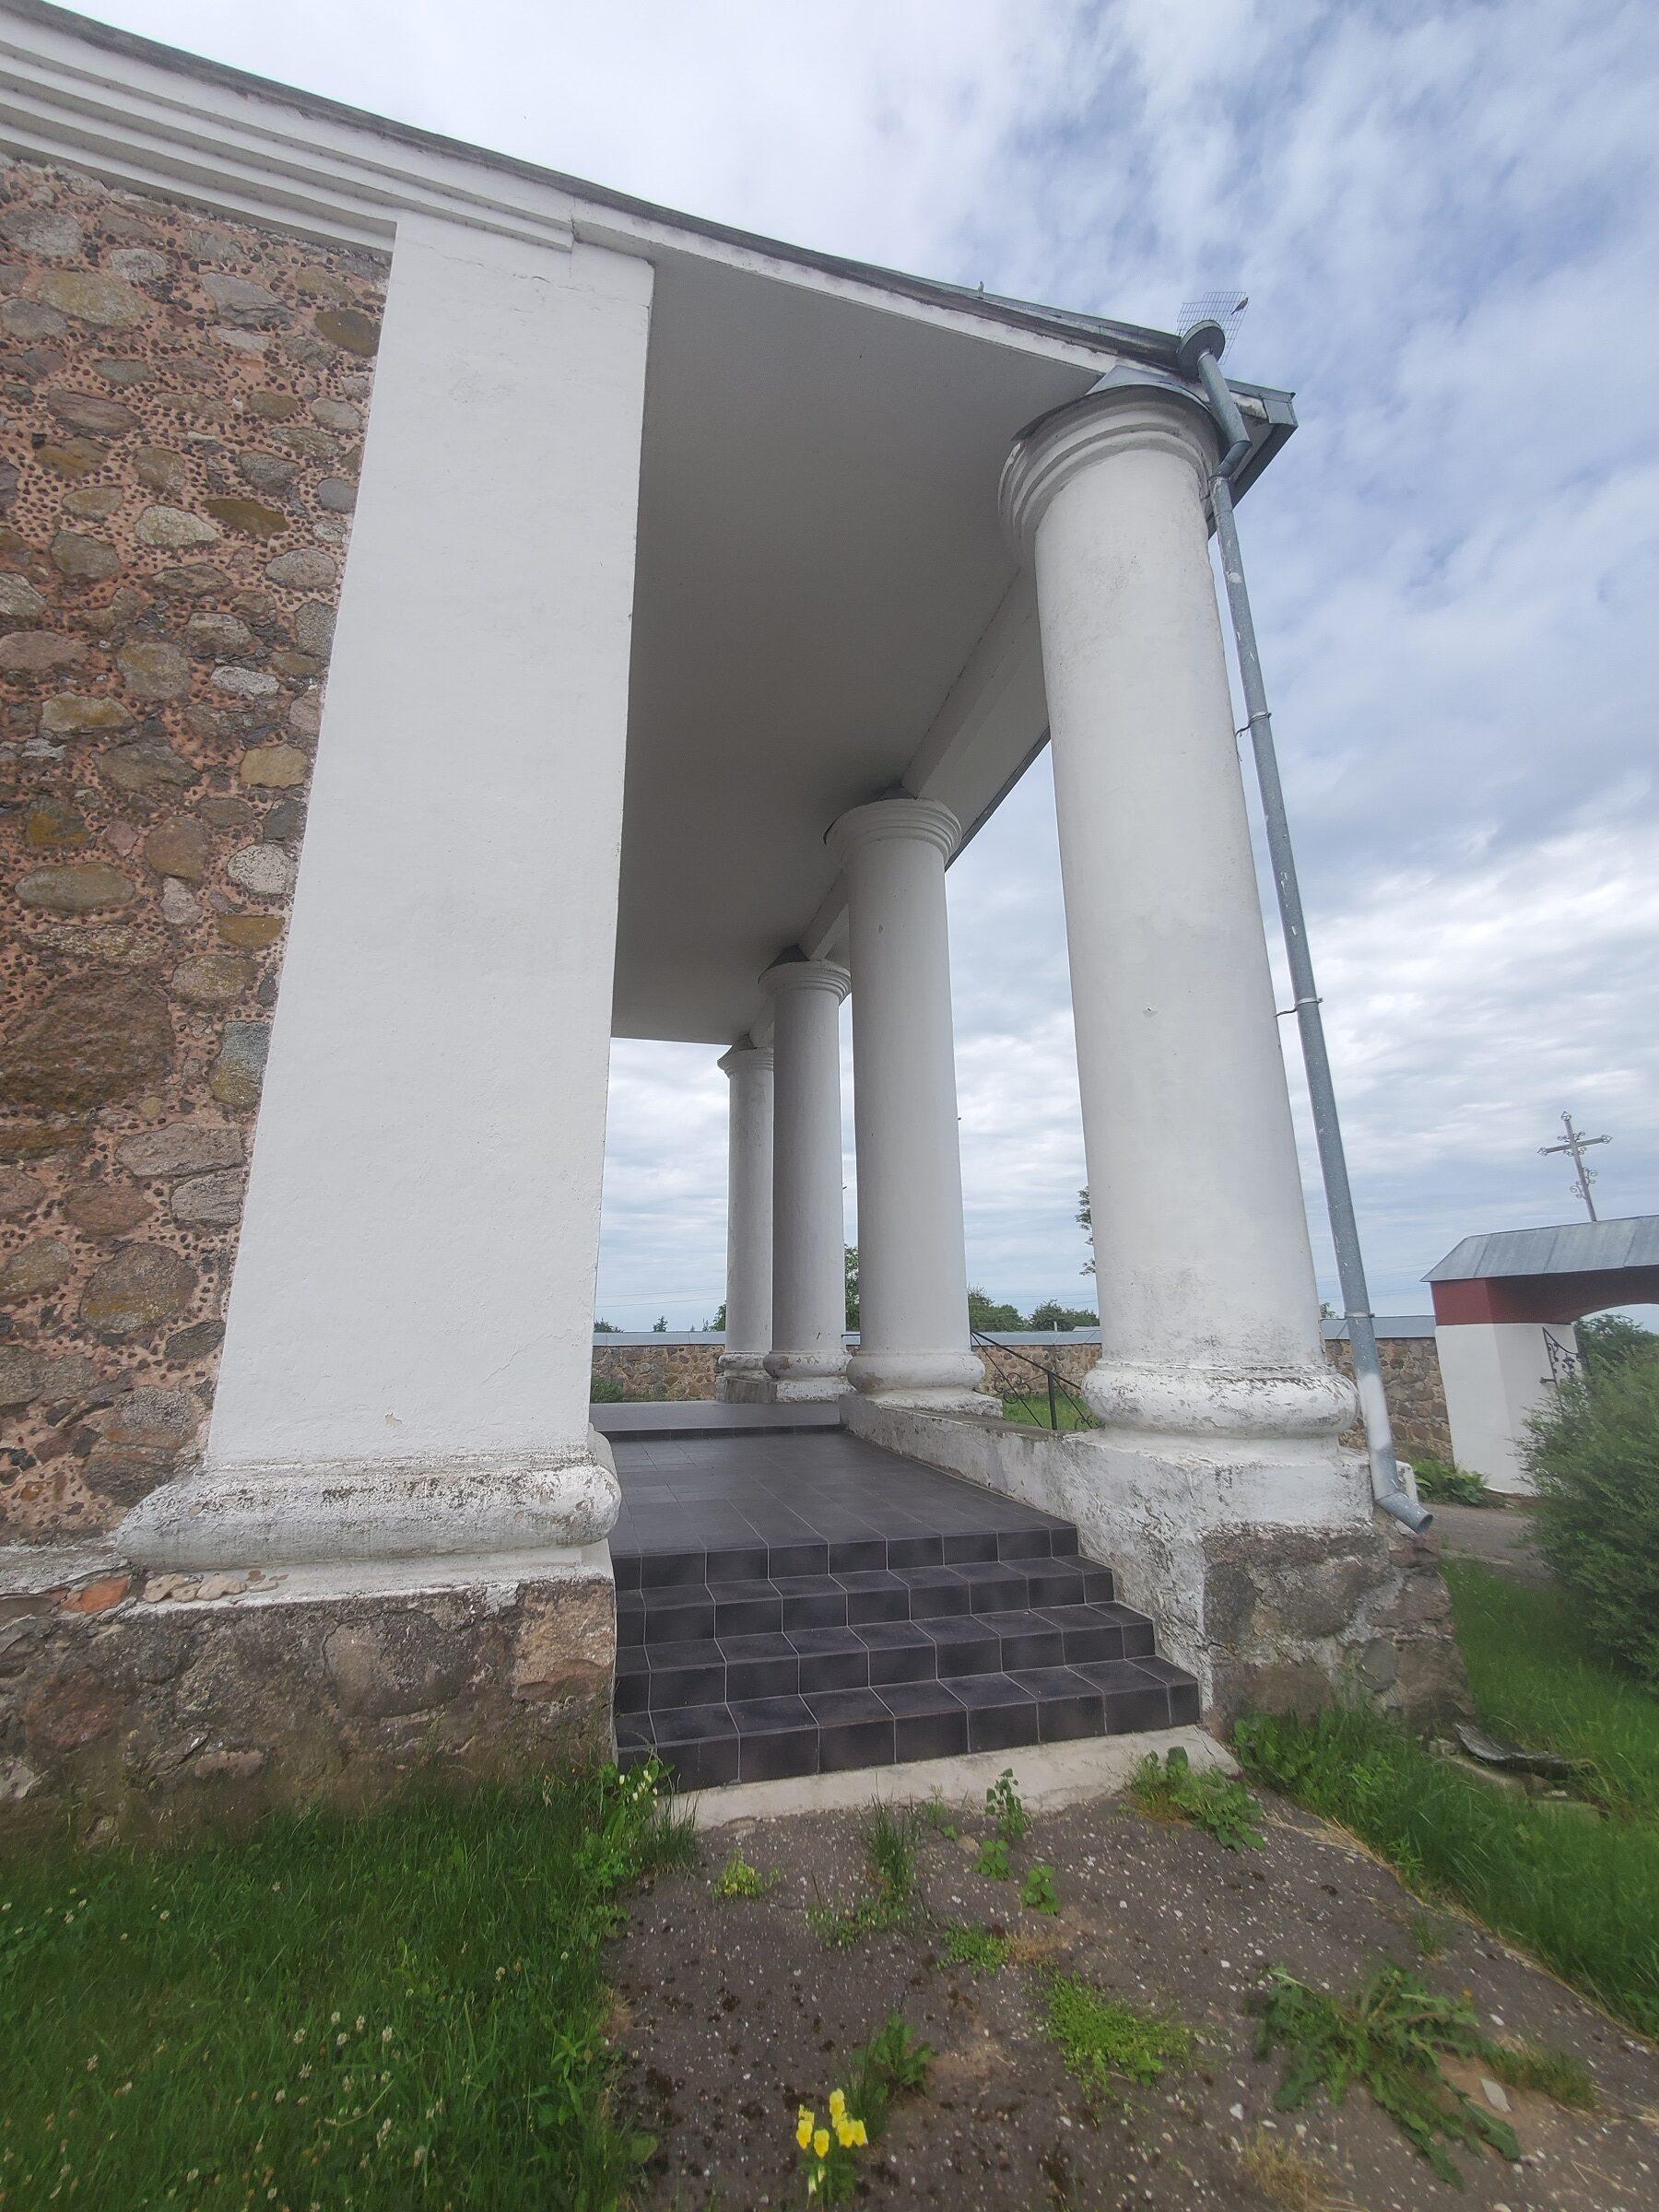 20200703 113750 rotated - Костел Вознесения Девы Марии в Дерковщине